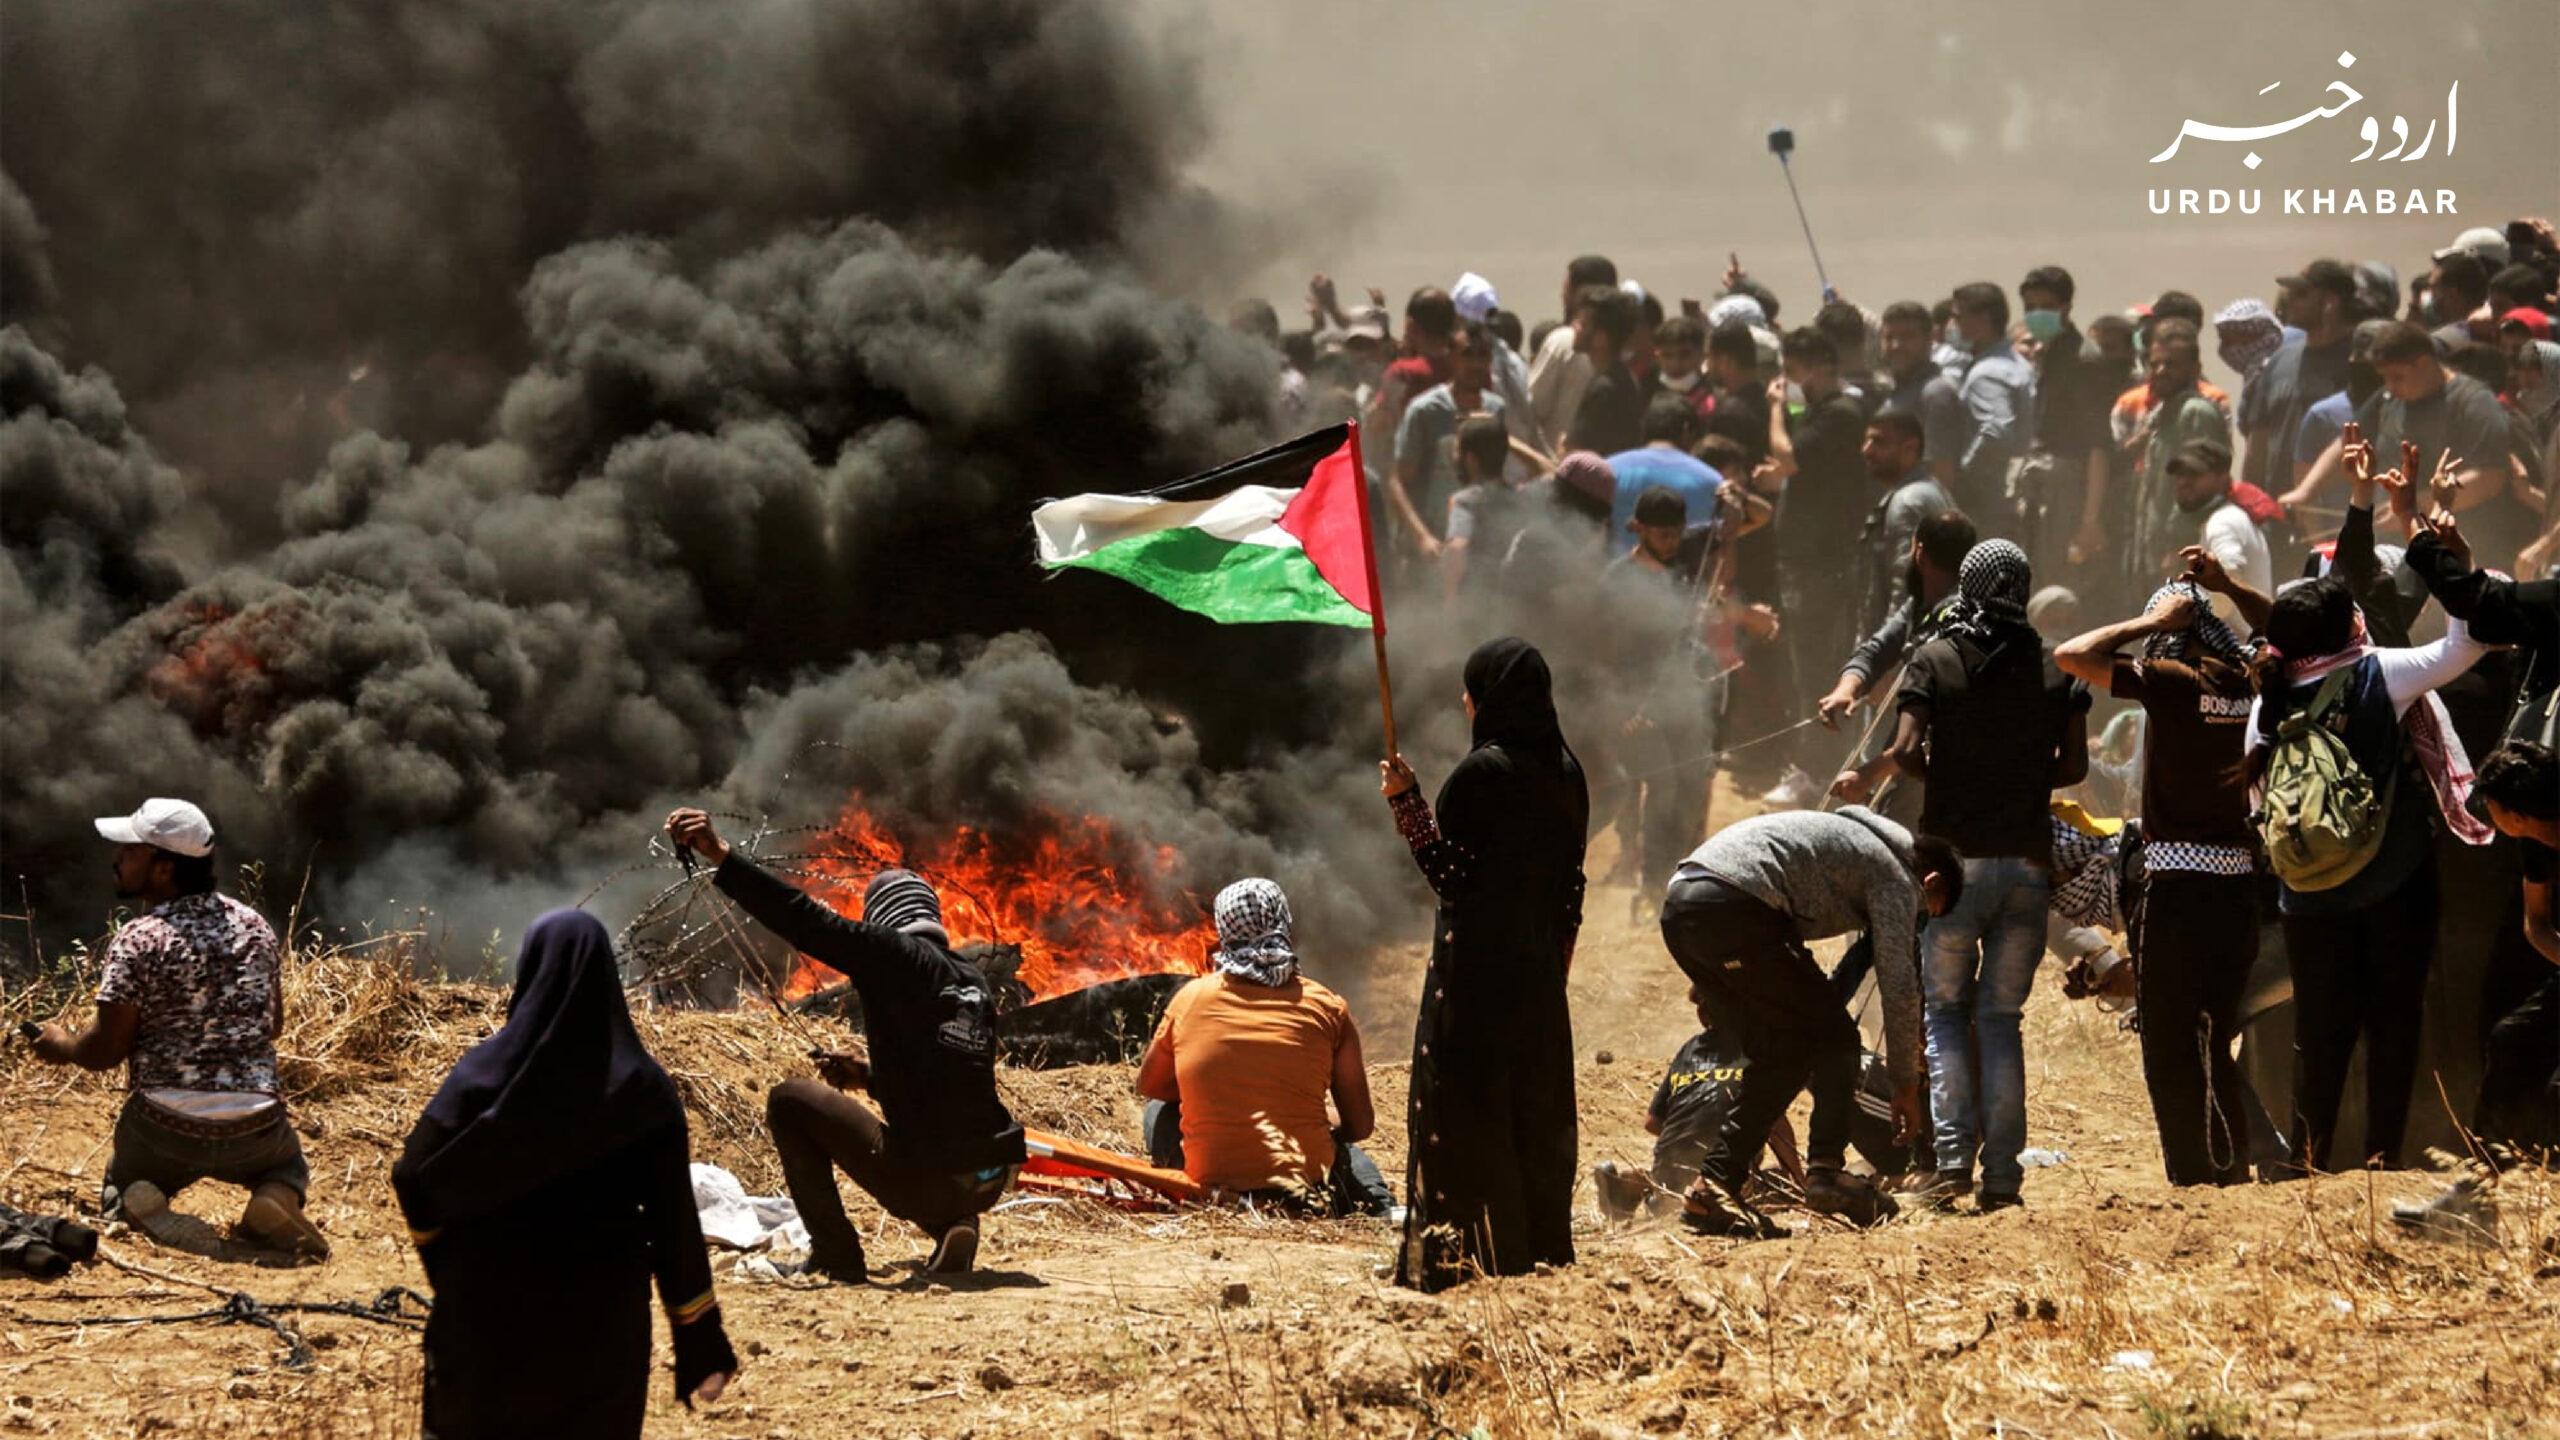 اسرائیل کی فلسطین میں رمضان کے تقدس کی پامالی پر پاکستان کی مذمت